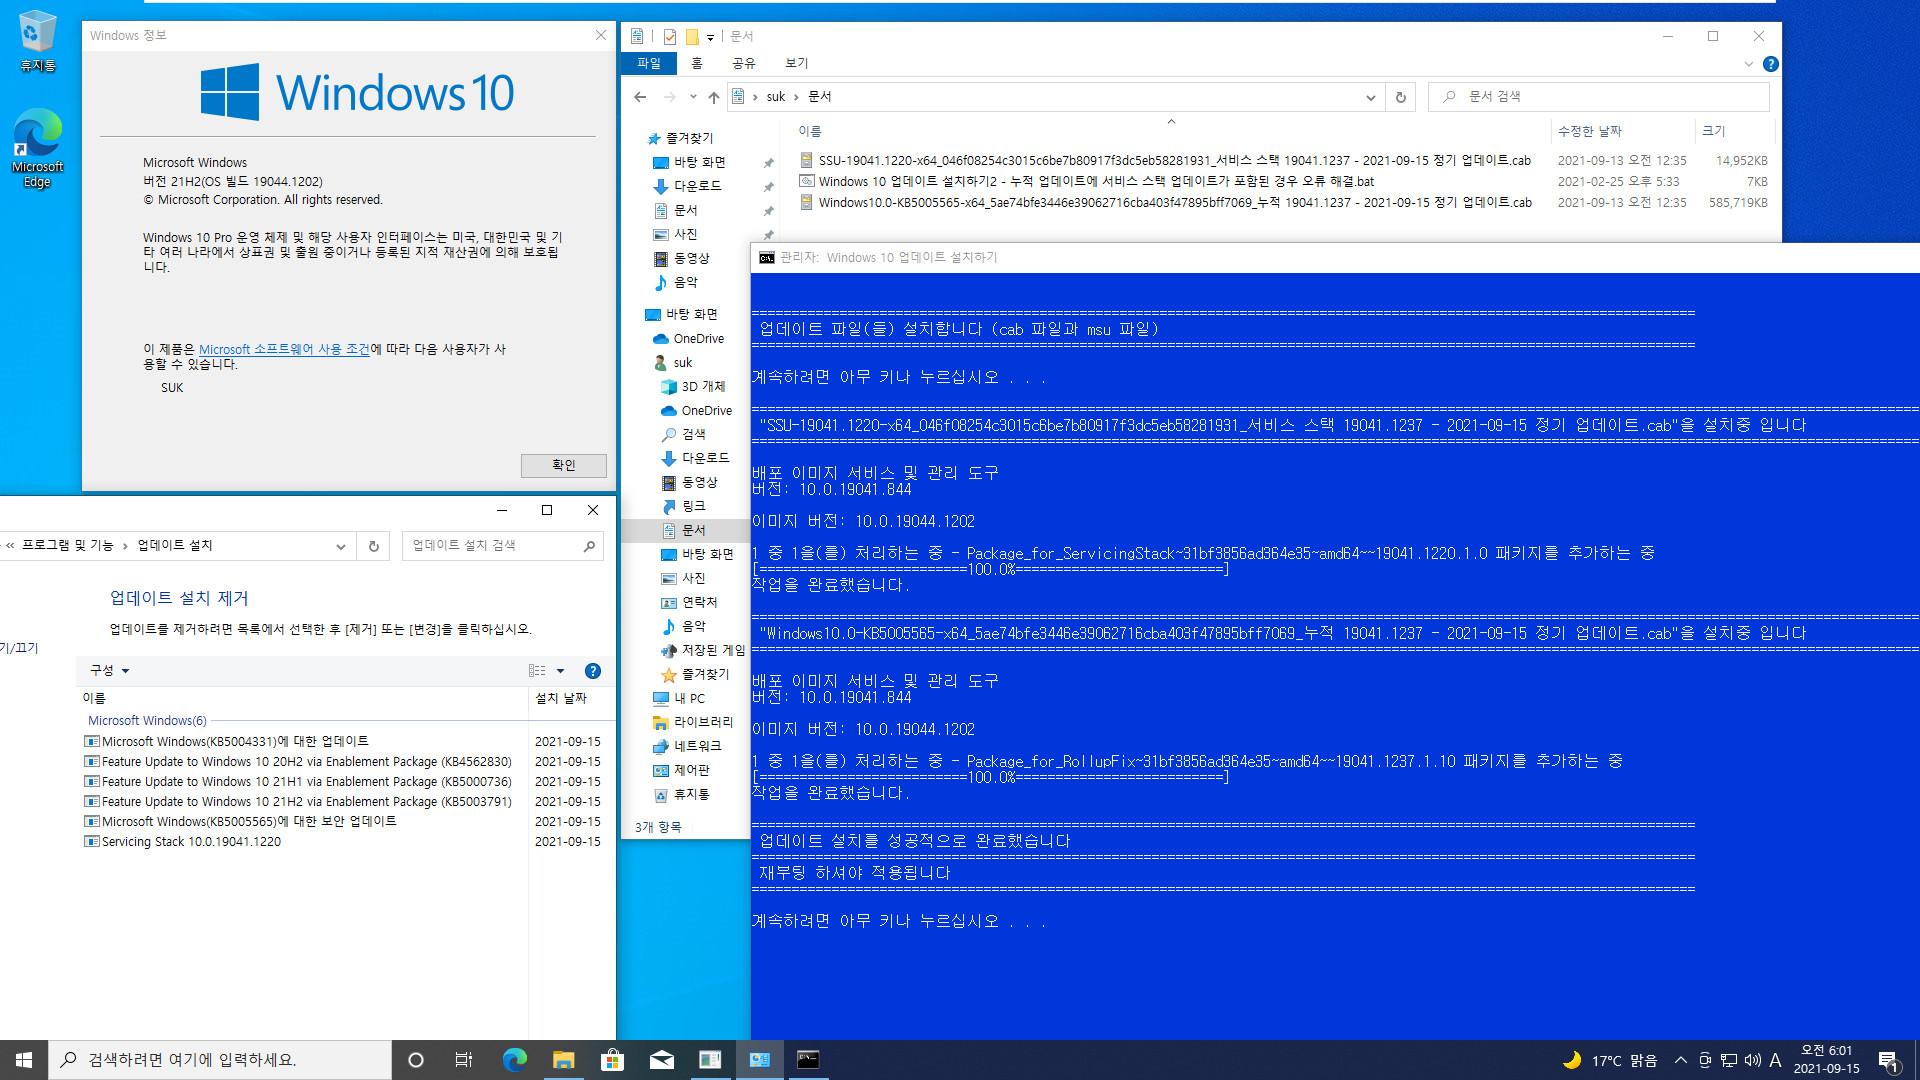 2021-09-15 정기 업데이트 - Windows 10 버전 21H2, 빌드 19044.1237 - 공용 누적 업데이트 KB5005565 - vmware에 설치 2021-09-15_060118.jpg